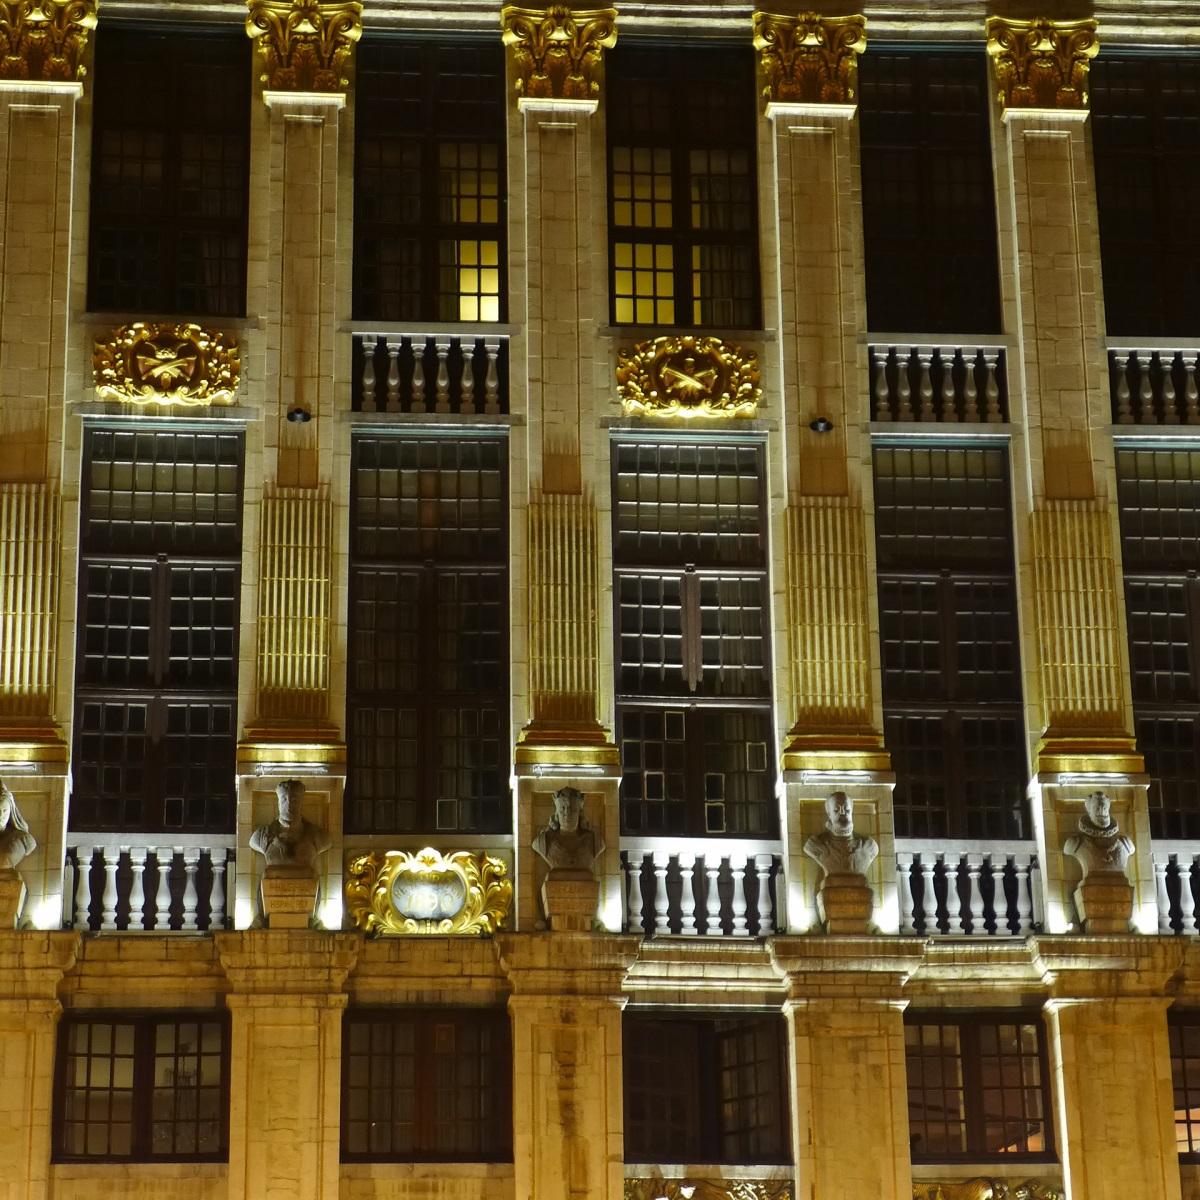 Grand-Place de Bruxelles, Belgique - Maison des Ducs Brabant - Conception lumière : Isabelle Corten, Radiance35 et Patrick Rimoux, Agence Patrick Rimoux -Photo : Isabelle Corten